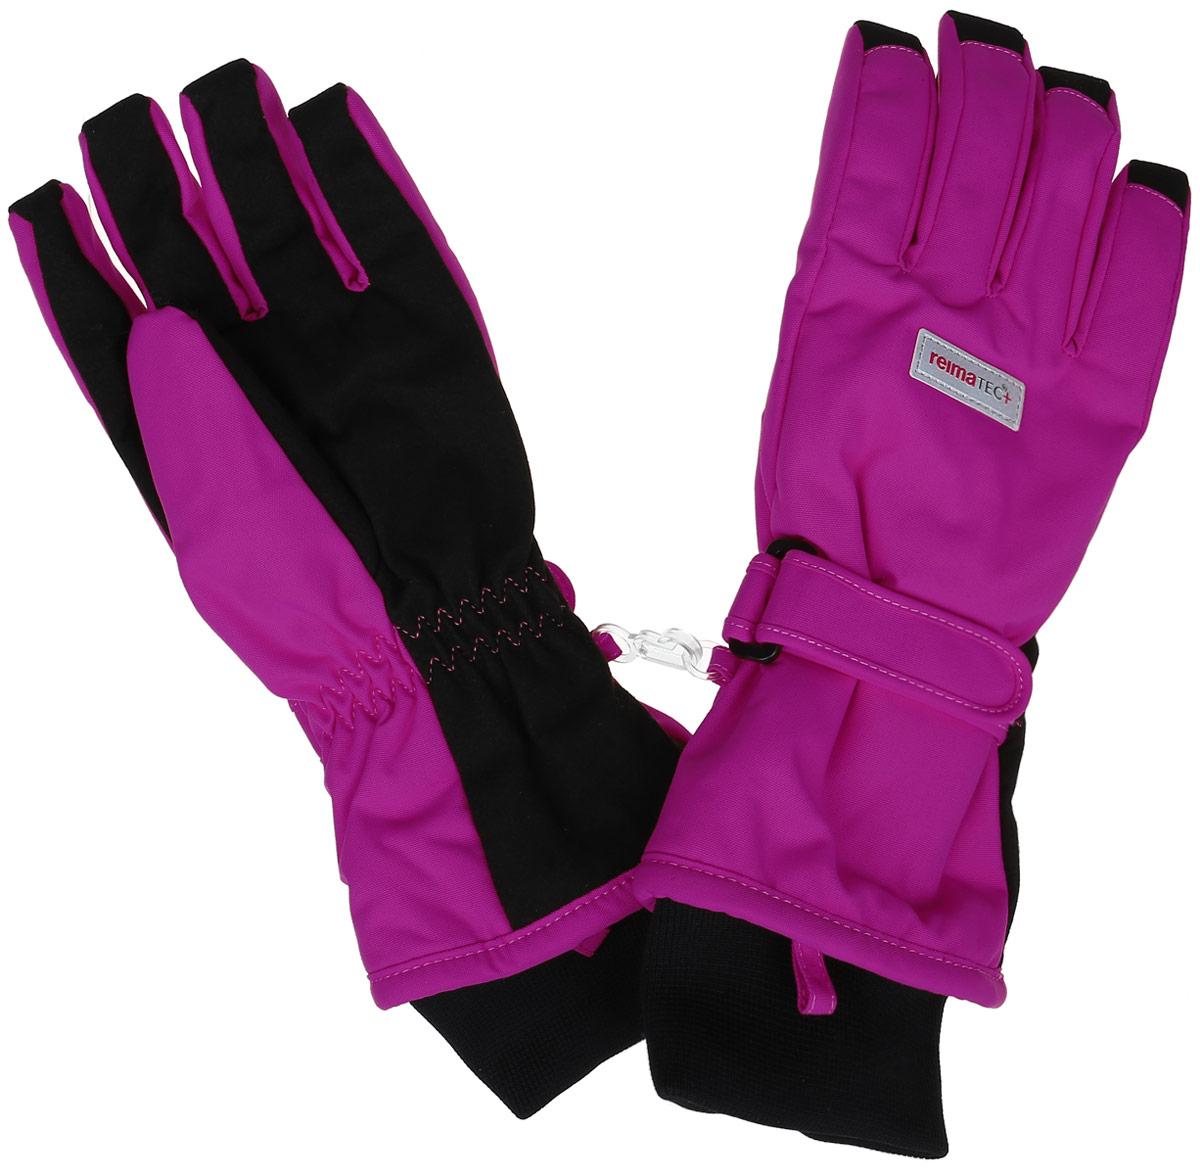 Перчатки детские Reima Reimatec+ Tartu, цвет: розовый. 527251-4620. Размер 8527251-4620Детские перчатки Reima Reimatec+ Tartu станут идеальным вариантом для холодной зимней погоды. На подкладке используется высококачественный полиэстер, который хорошо удерживает тепло.Для большего удобства на запястьях перчатки дополнены хлястиками на липучках с внешней стороны, а на ладошках, кончиках пальцев и с внутренней стороны большого пальца - усиленными водонепроницаемивставками Hipora. Теплая флисовая подкладка дарит коже ощущение комфорта и уюта. С внешней стороны перчатки оформлены светоотражающими нашивками с логотипом бренда. Высокая степень утепления. Перчатки станут идеальным вариантом для прохладной погоды, в них ребенку будет тепло и комфортно. Водонепроницаемость: Waterpillar over 10 000 mm